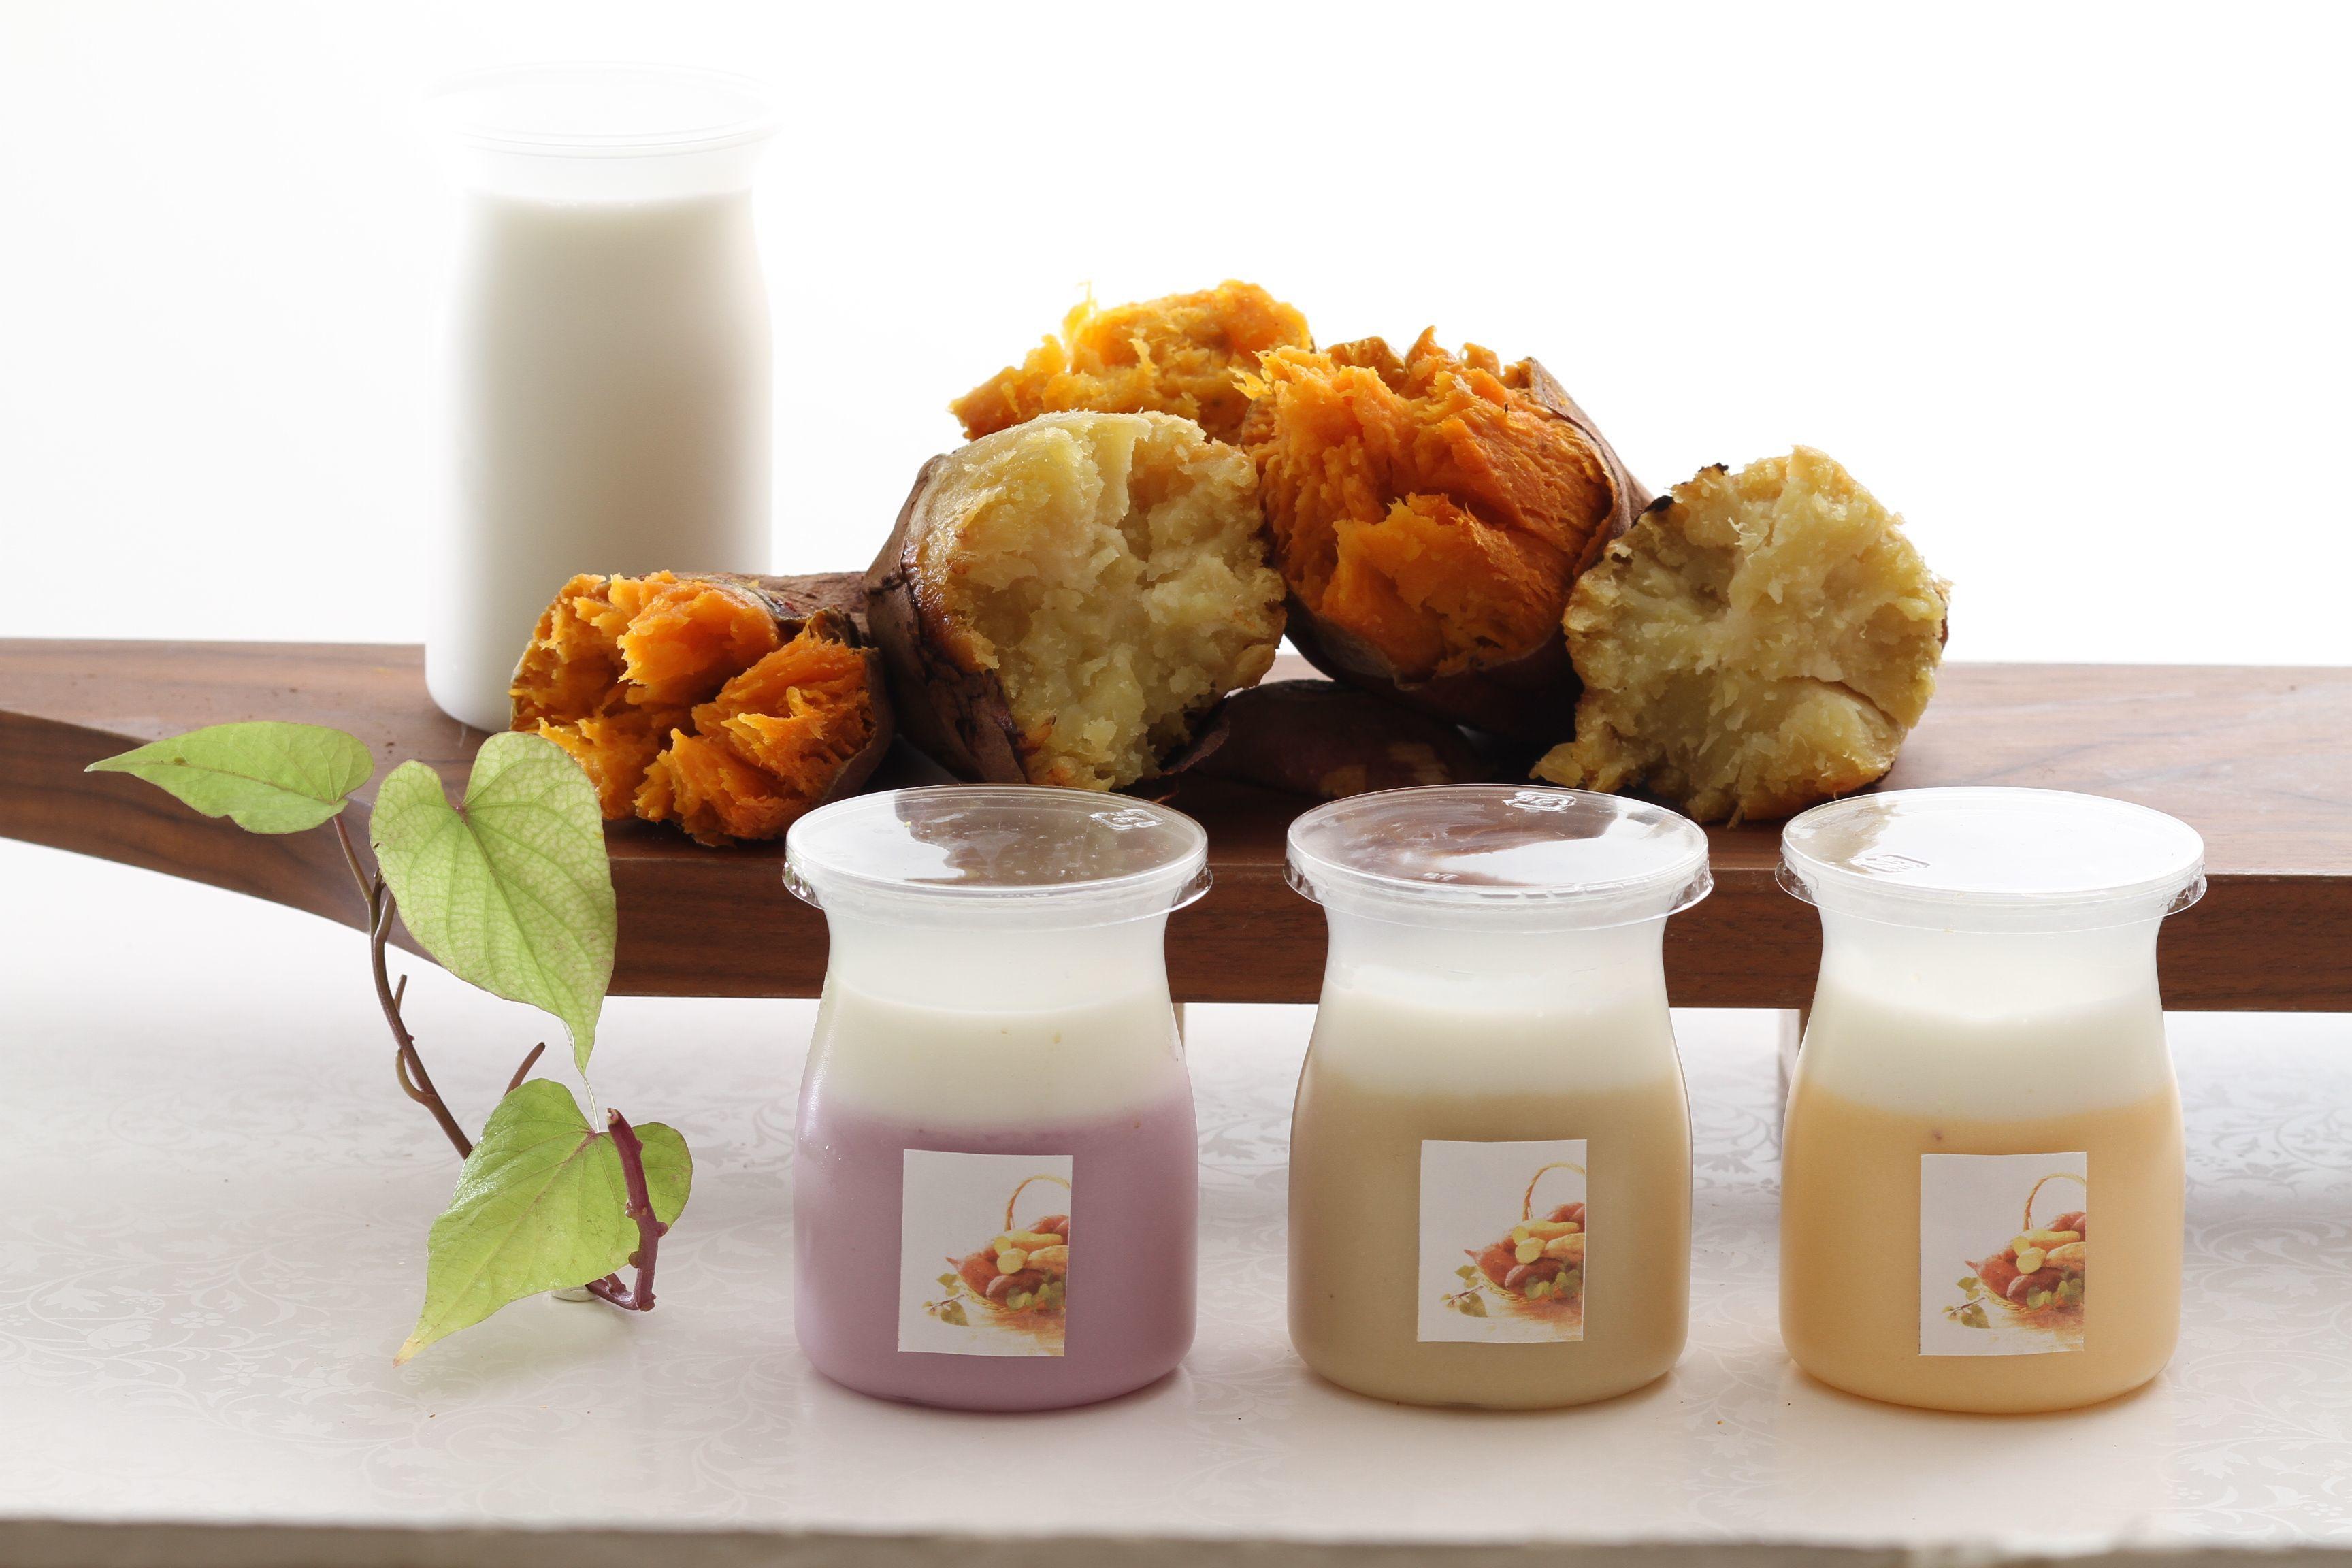 究極の焼芋デザート「とろ~り焼芋」 GINZA SIXにて2月1日販売開始